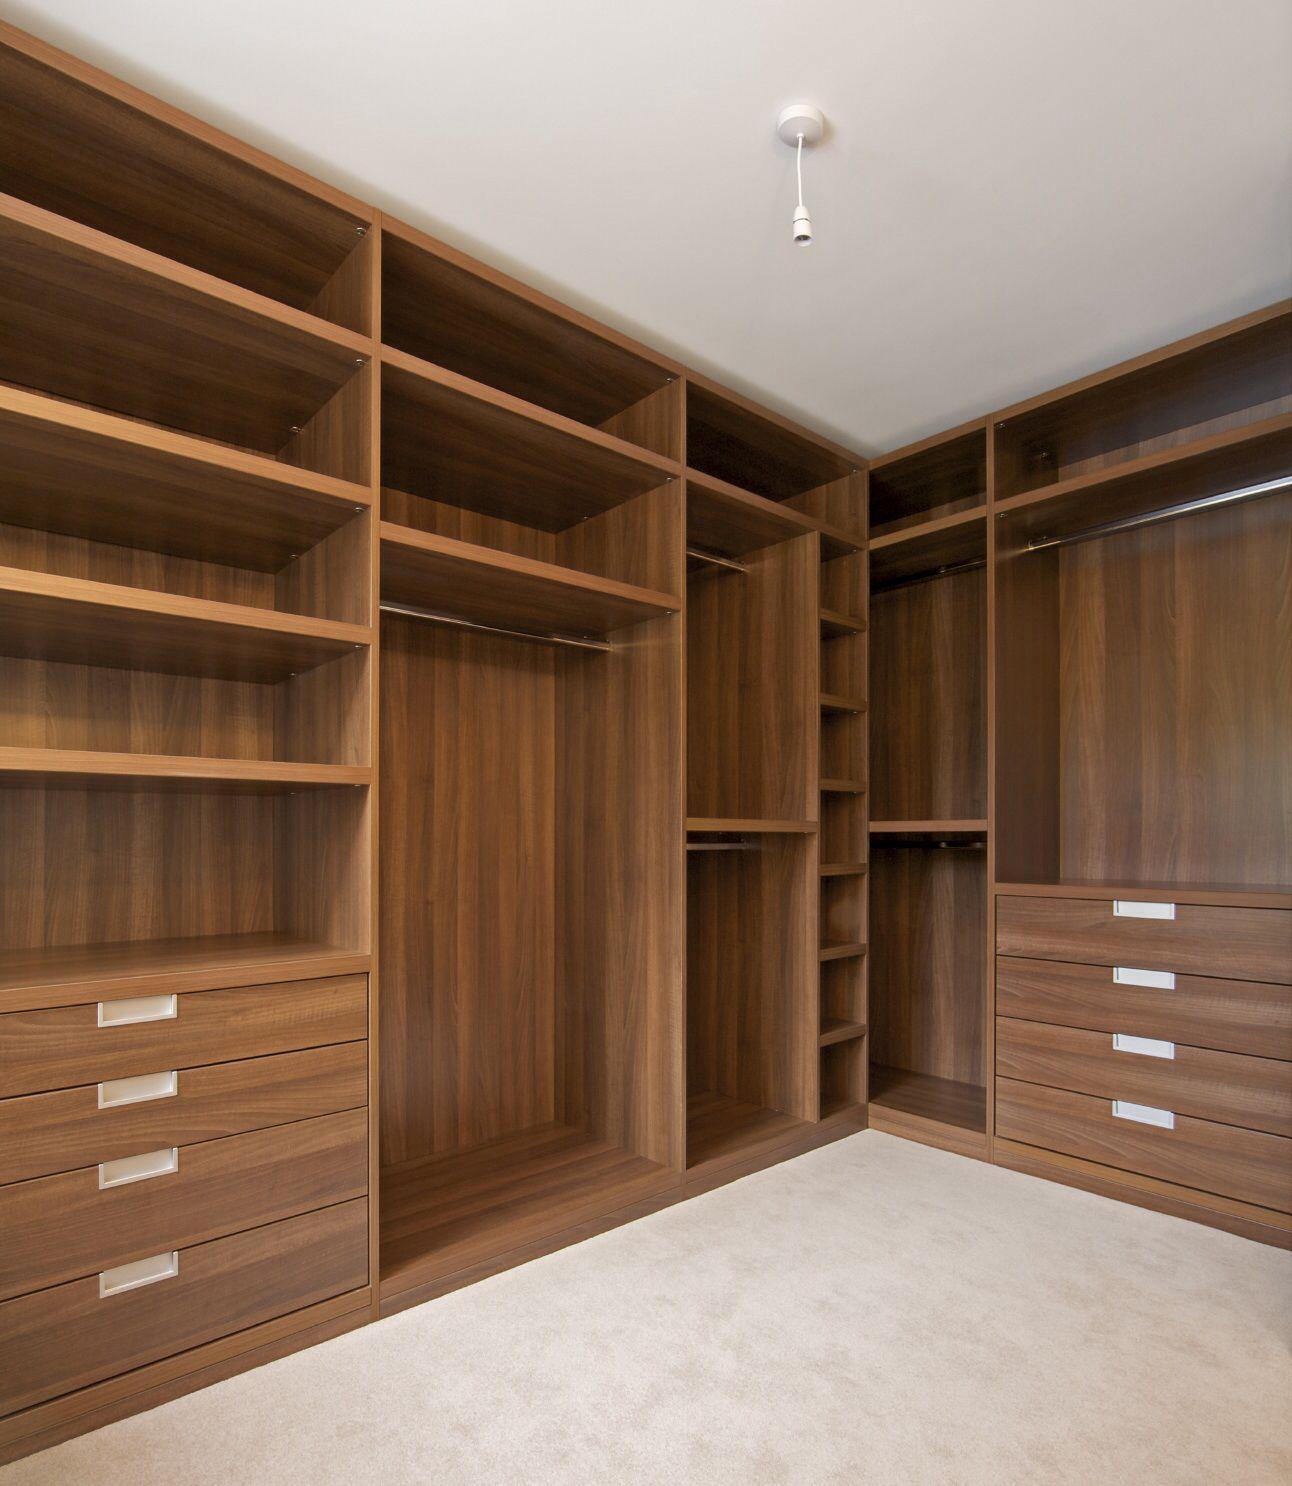 Diseñamos tu closet según tu espacio y necesidad bricolga